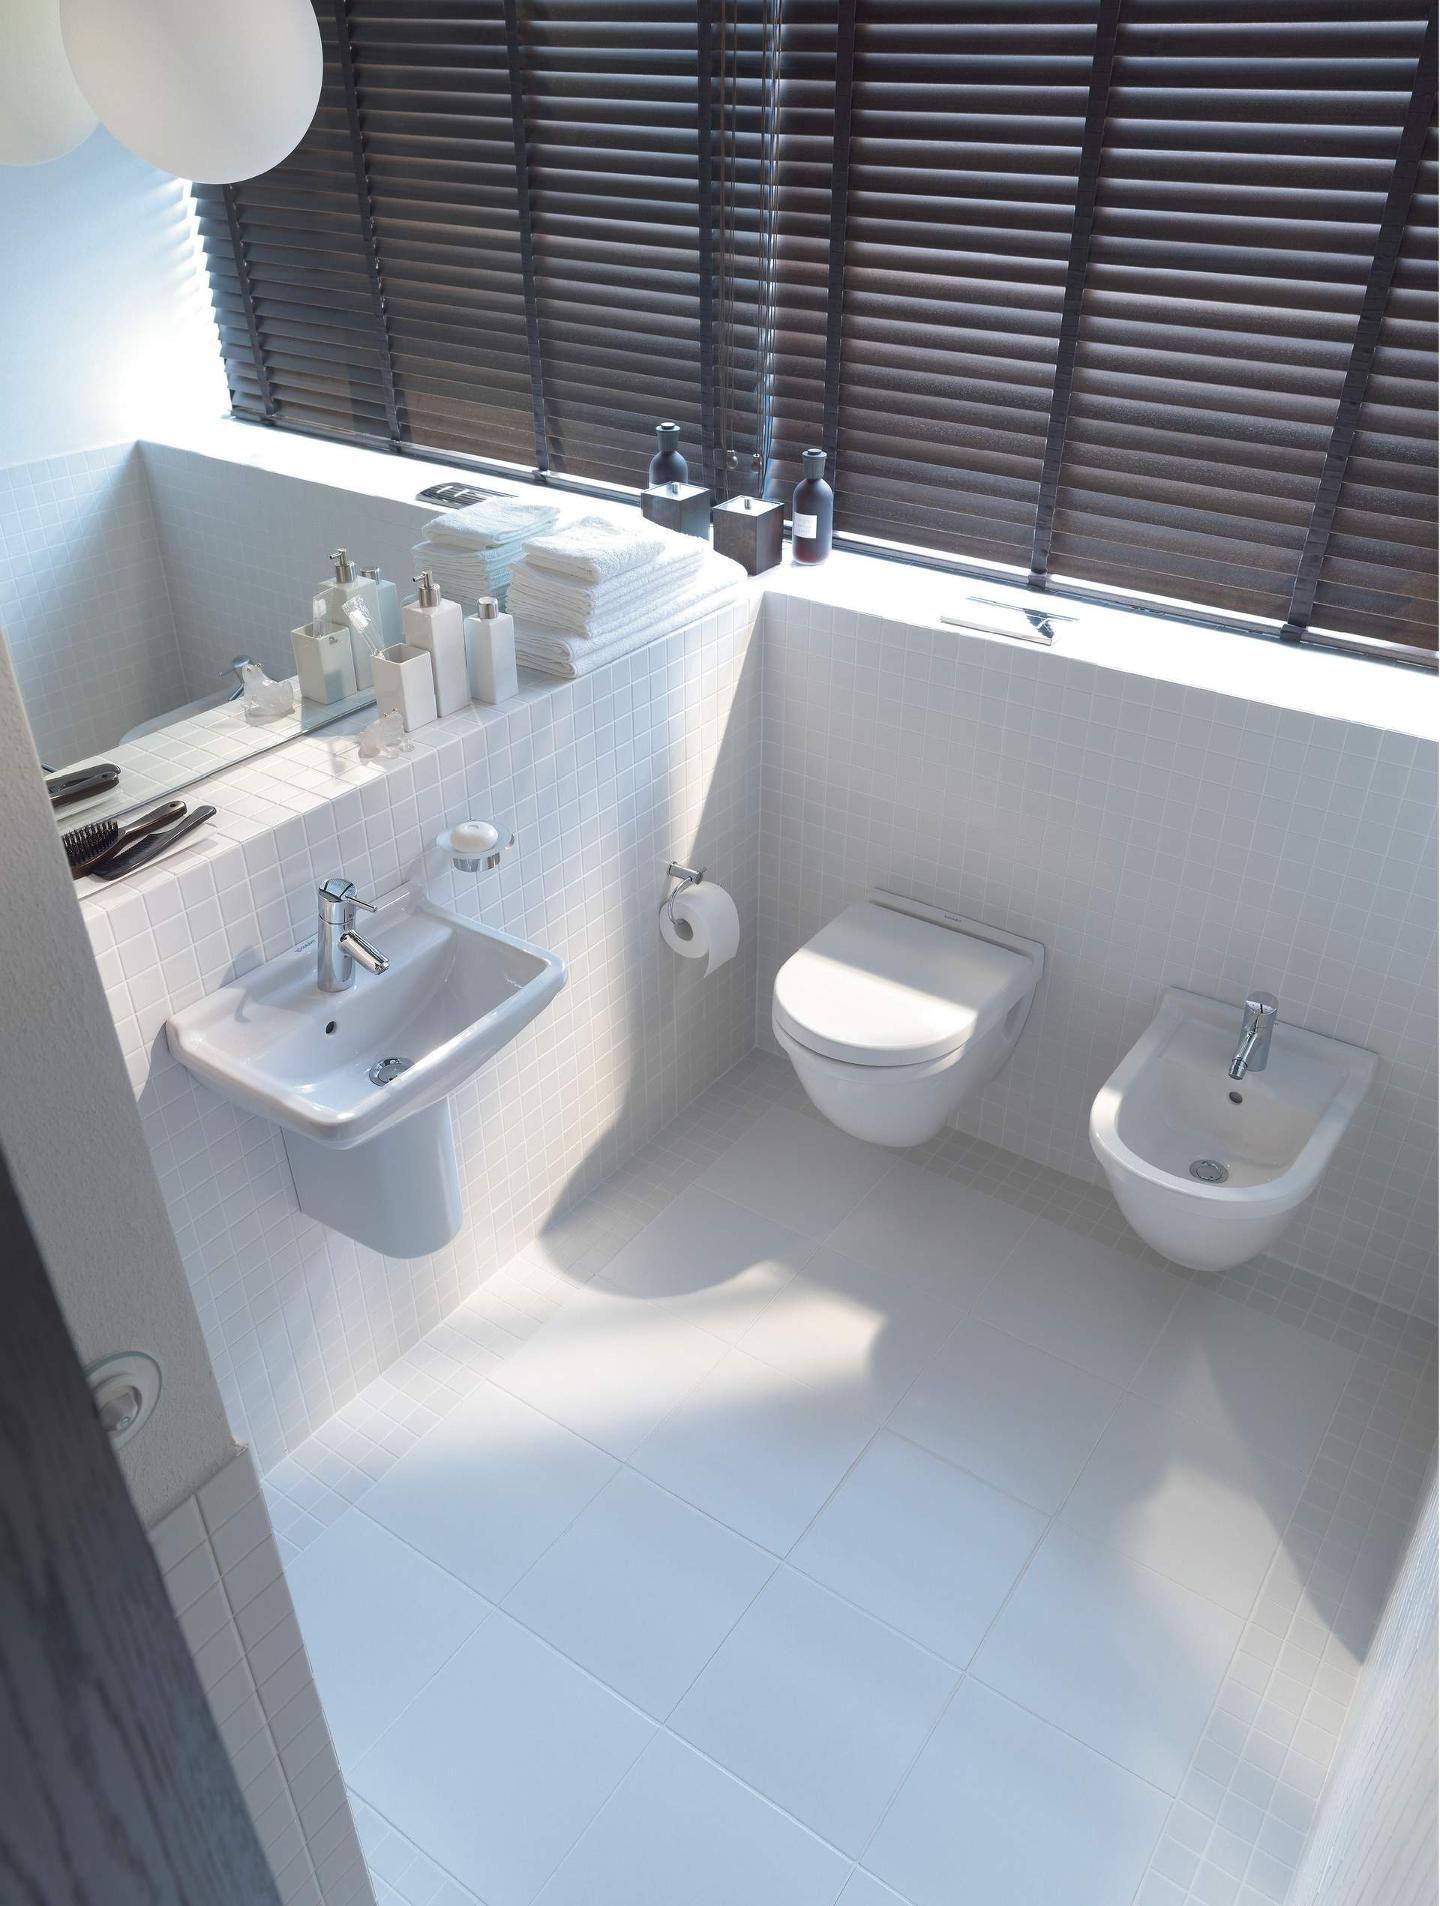 La s�rie Starck 3 fait r�f�rence en mati�re de design, diversit� et prix. Des meubles design cr��s par  Philippe Starck pour un prix vraiment tr�s int�ressant.